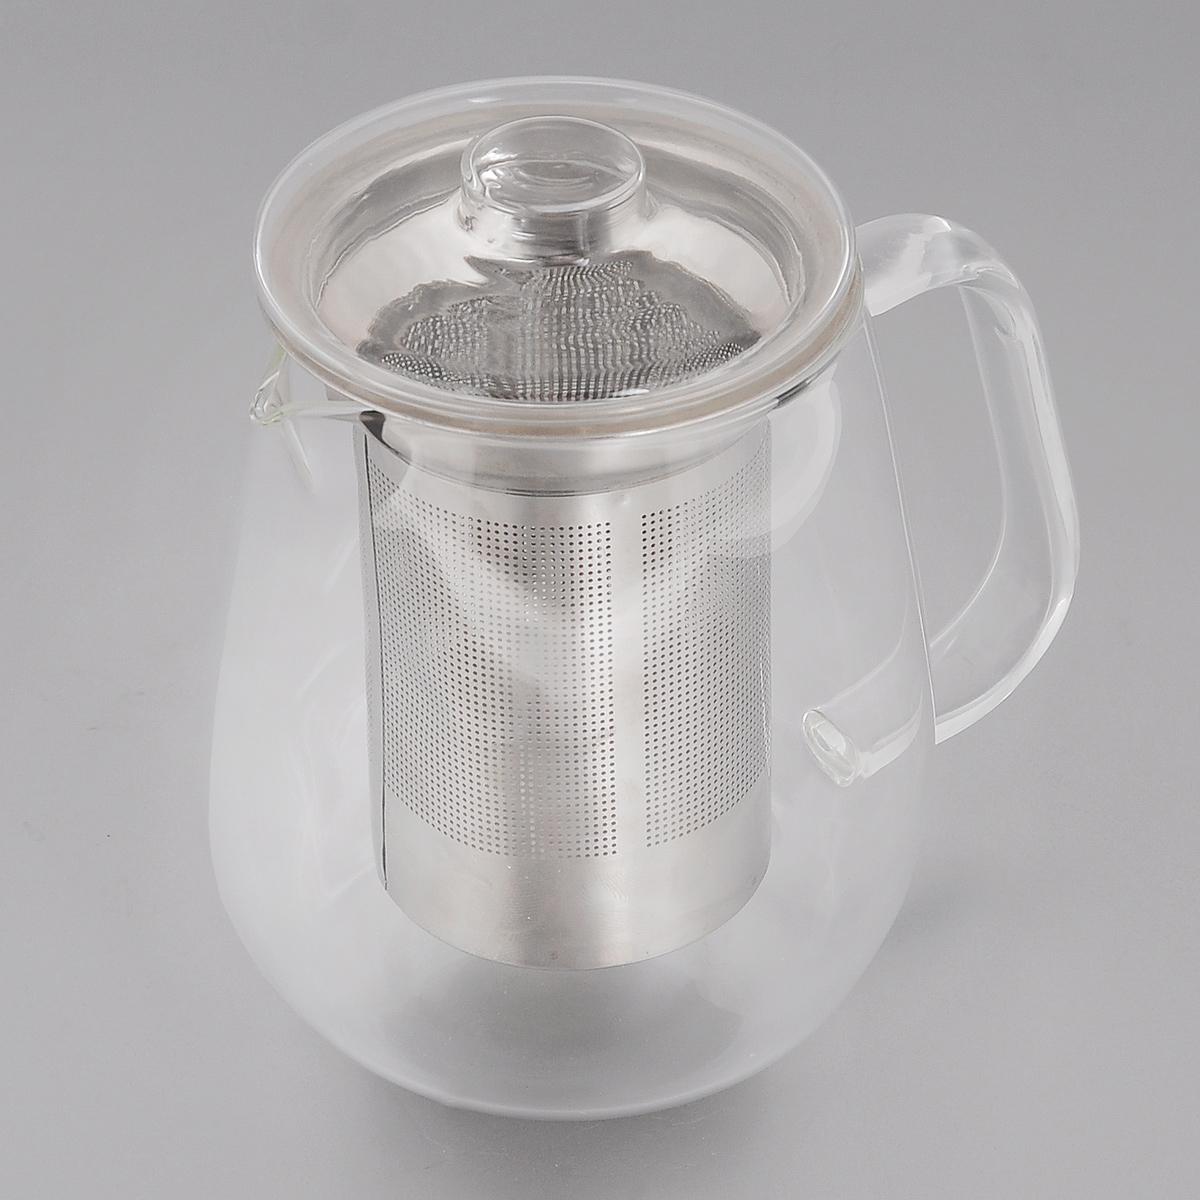 Чайник заварочный Winner, с фильтром, 650 мл115510Заварочный чайник Winner, изготовленный из термостойкого стекла, предоставит вам все необходимые возможности для успешного заваривания чая. Чай в таком чайнике дольше остается горячим, а полезные и ароматические вещества полностью сохраняются в напитке. Чайник оснащен фильтром и крышкой. Фильтр выполнен из нержавеющей стали. Простой и удобный чайник поможет вам приготовить крепкий, ароматный чай.Нельзя мыть в посудомоечной машине. Не использовать в микроволновой печи.Диаметр чайника (по верхнему краю): 7,5 см.Высота чайника (без учета крышки): 12 см.Высота фильтра: 10 см.